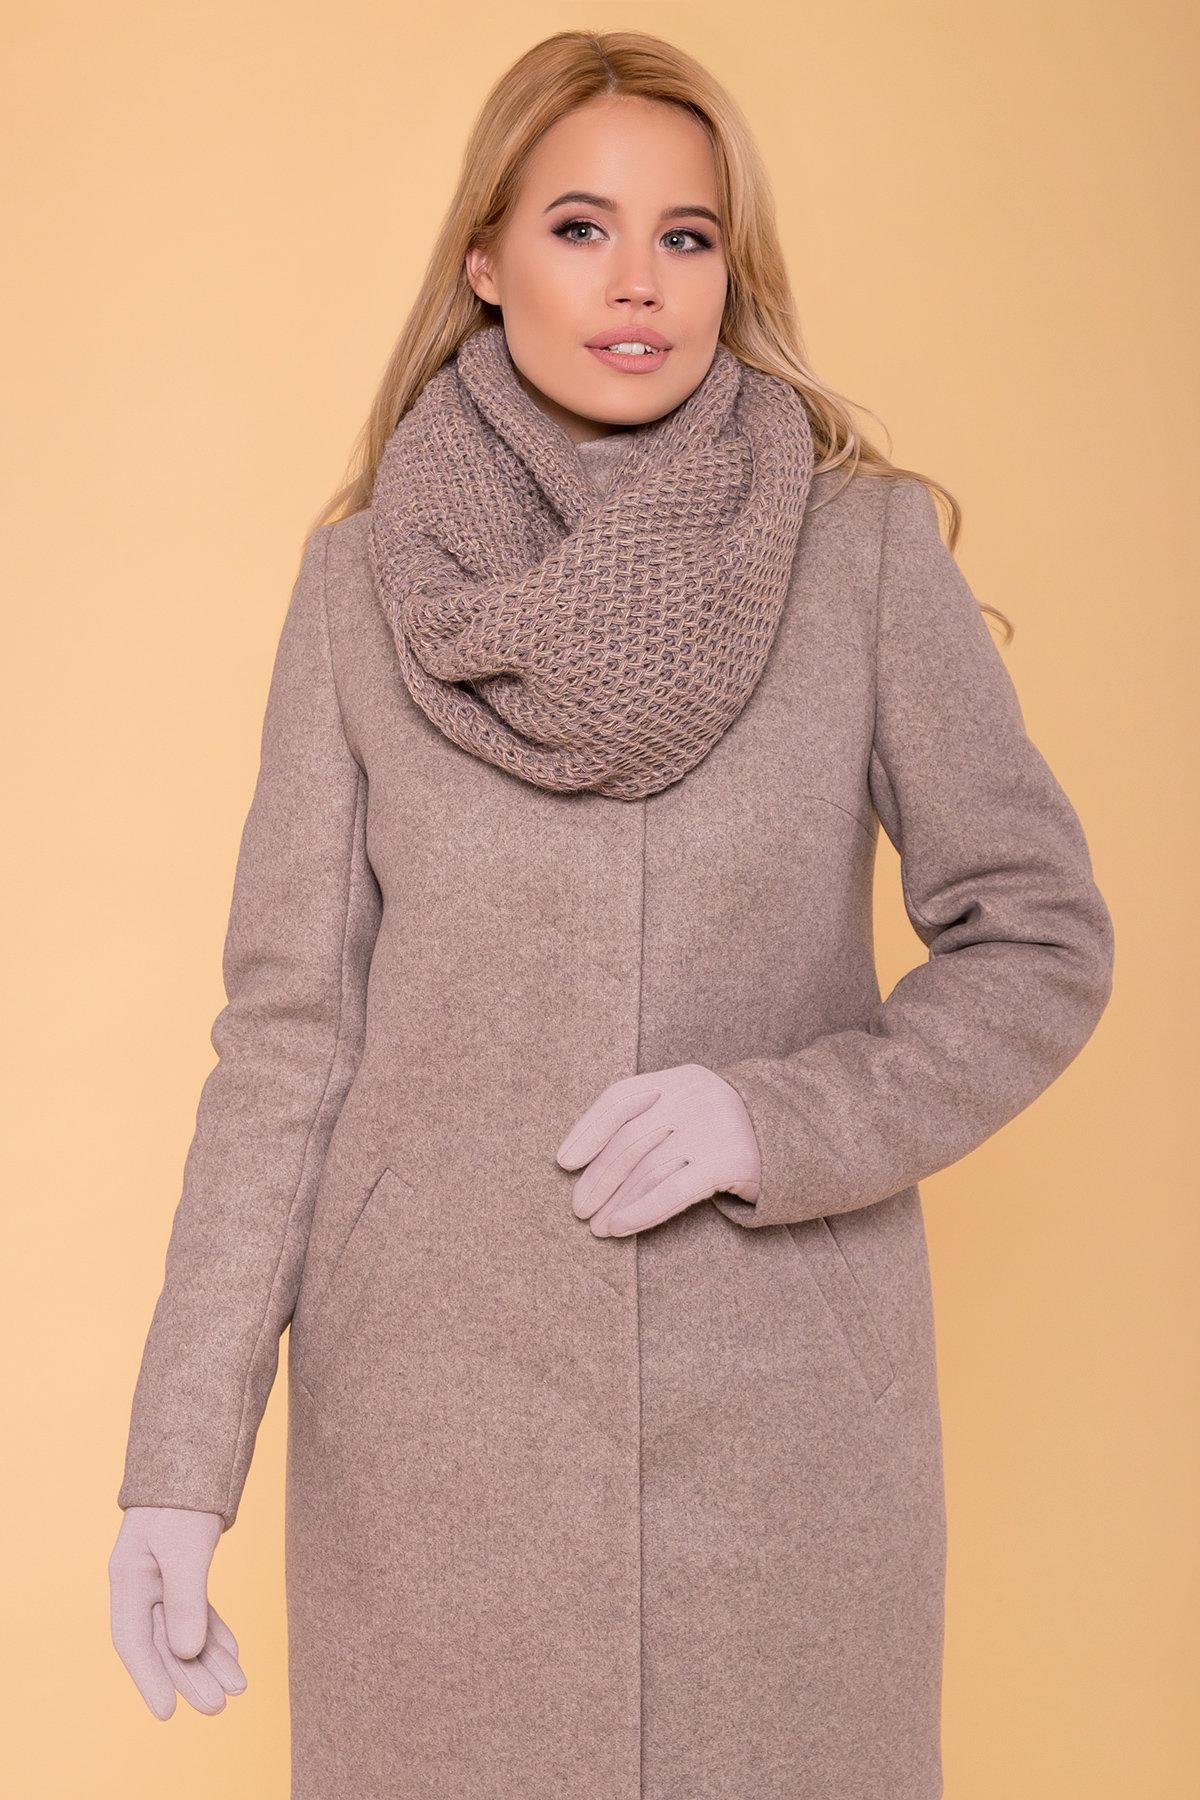 Зимнее пальто с воротником стойка Фортуна лайт 5804 АРТ. 39369 Цвет: Бежевый 10 - фото 5, интернет магазин tm-modus.ru